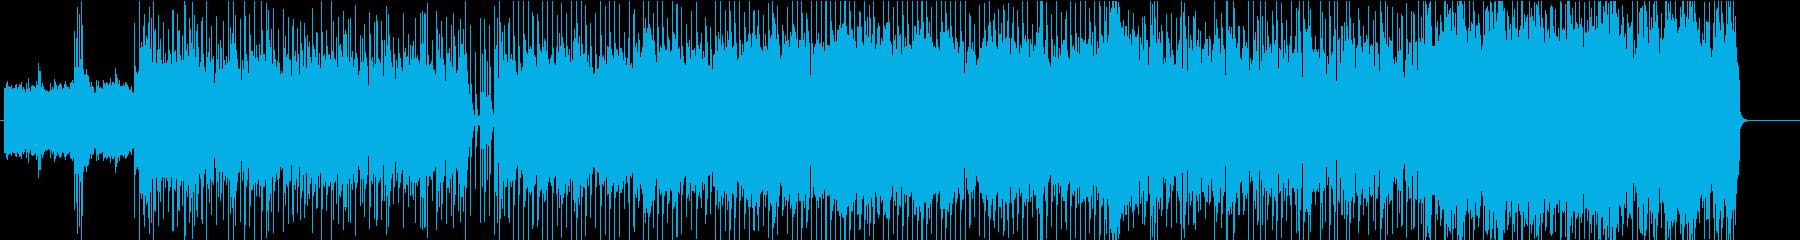 往年のハードロックを思い起こすBGM☆の再生済みの波形